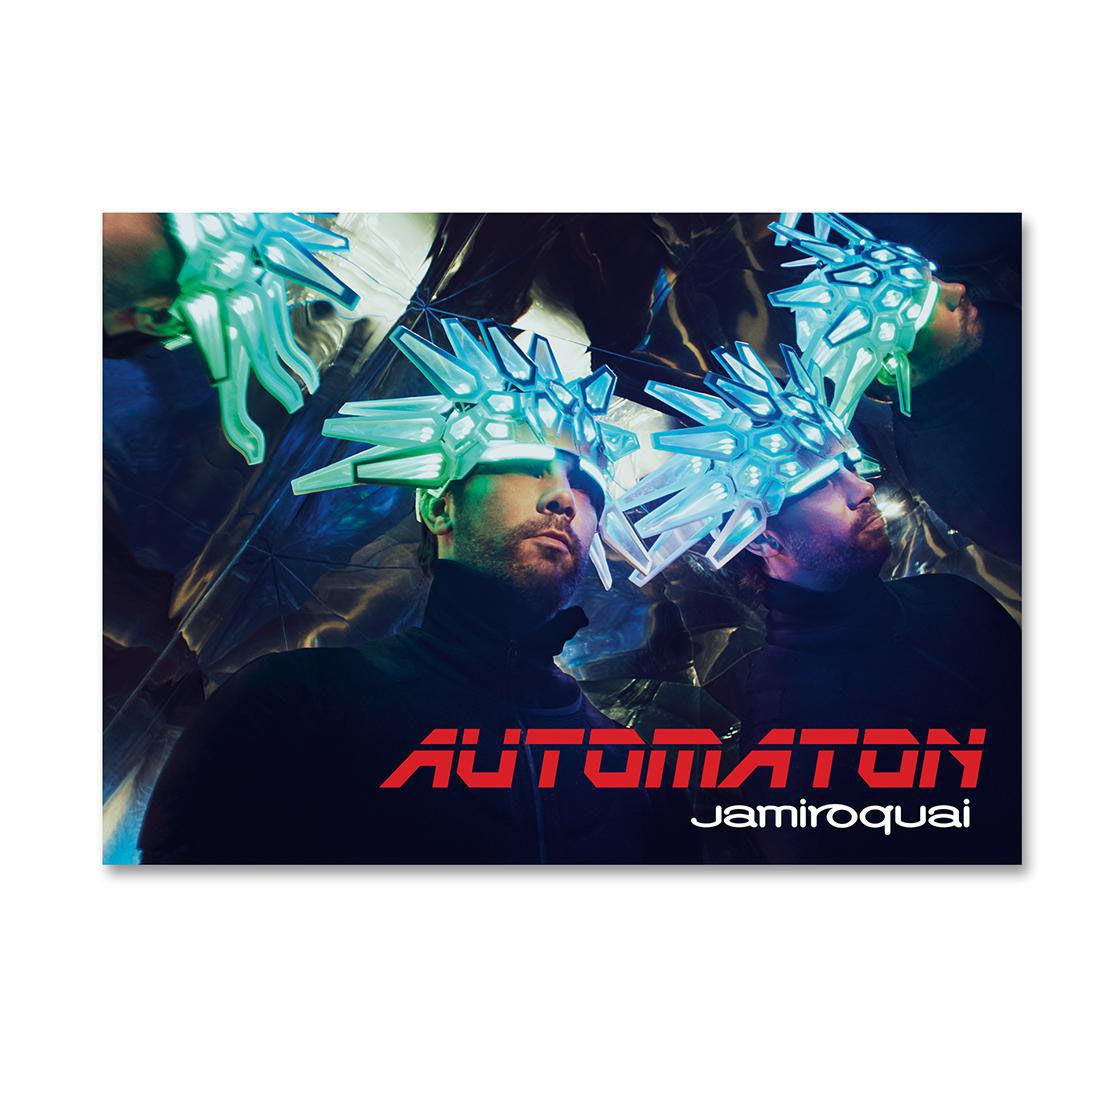 Jamiroquai: Automaton Poster